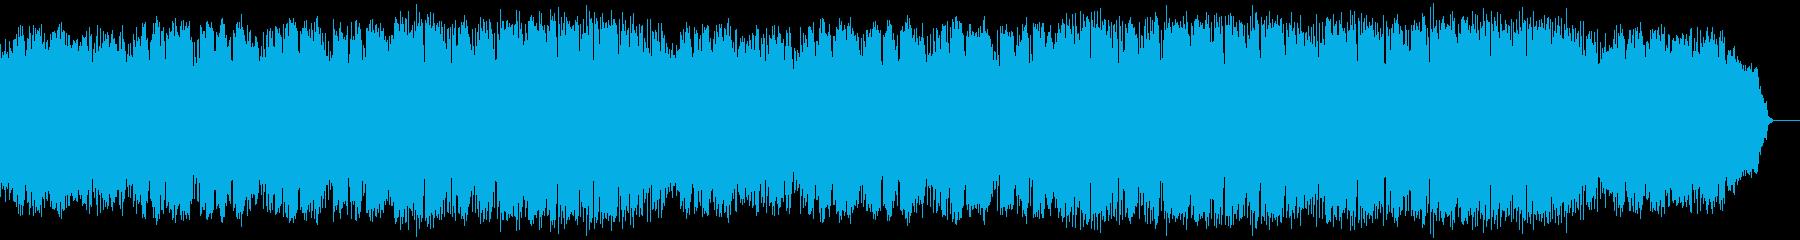 アコギの3連のリズムに切ないSAXの旋律の再生済みの波形